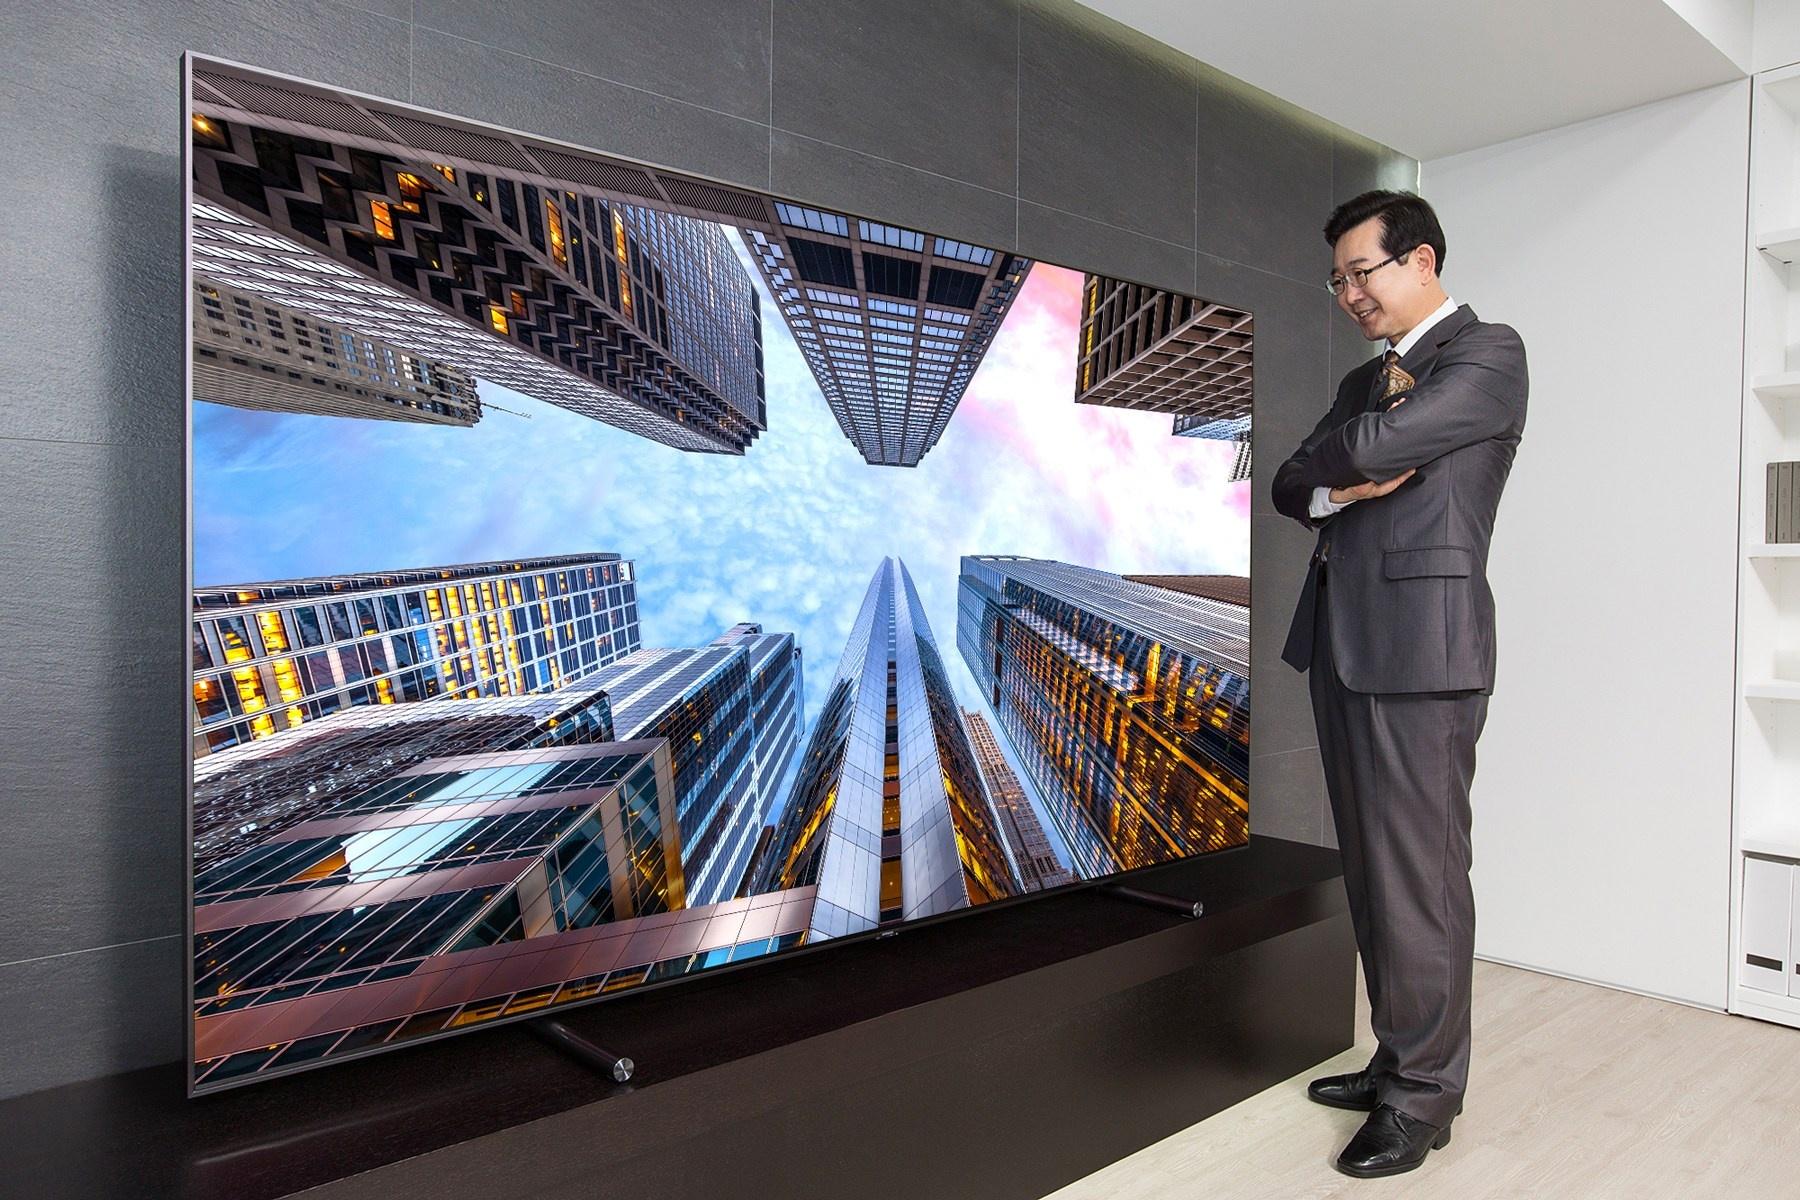 5 mau TV ghi nhan su phat trien cong nghe cua Samsung hinh anh 14